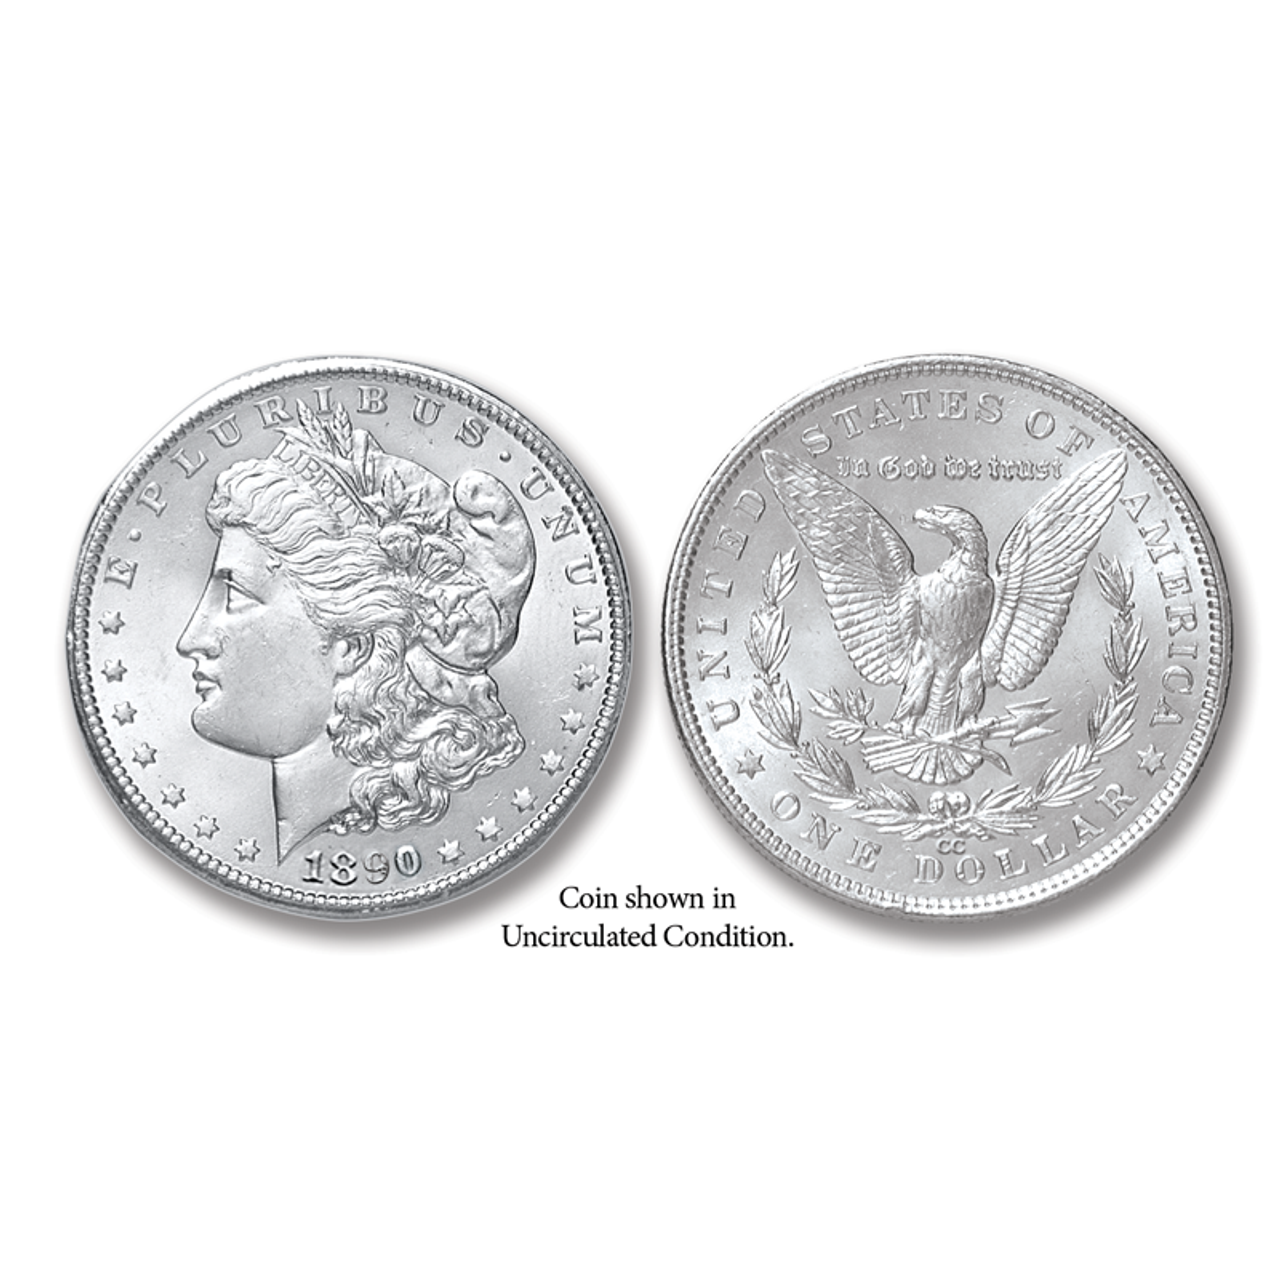 Very Rare 1890 Morgan Silver Dollar